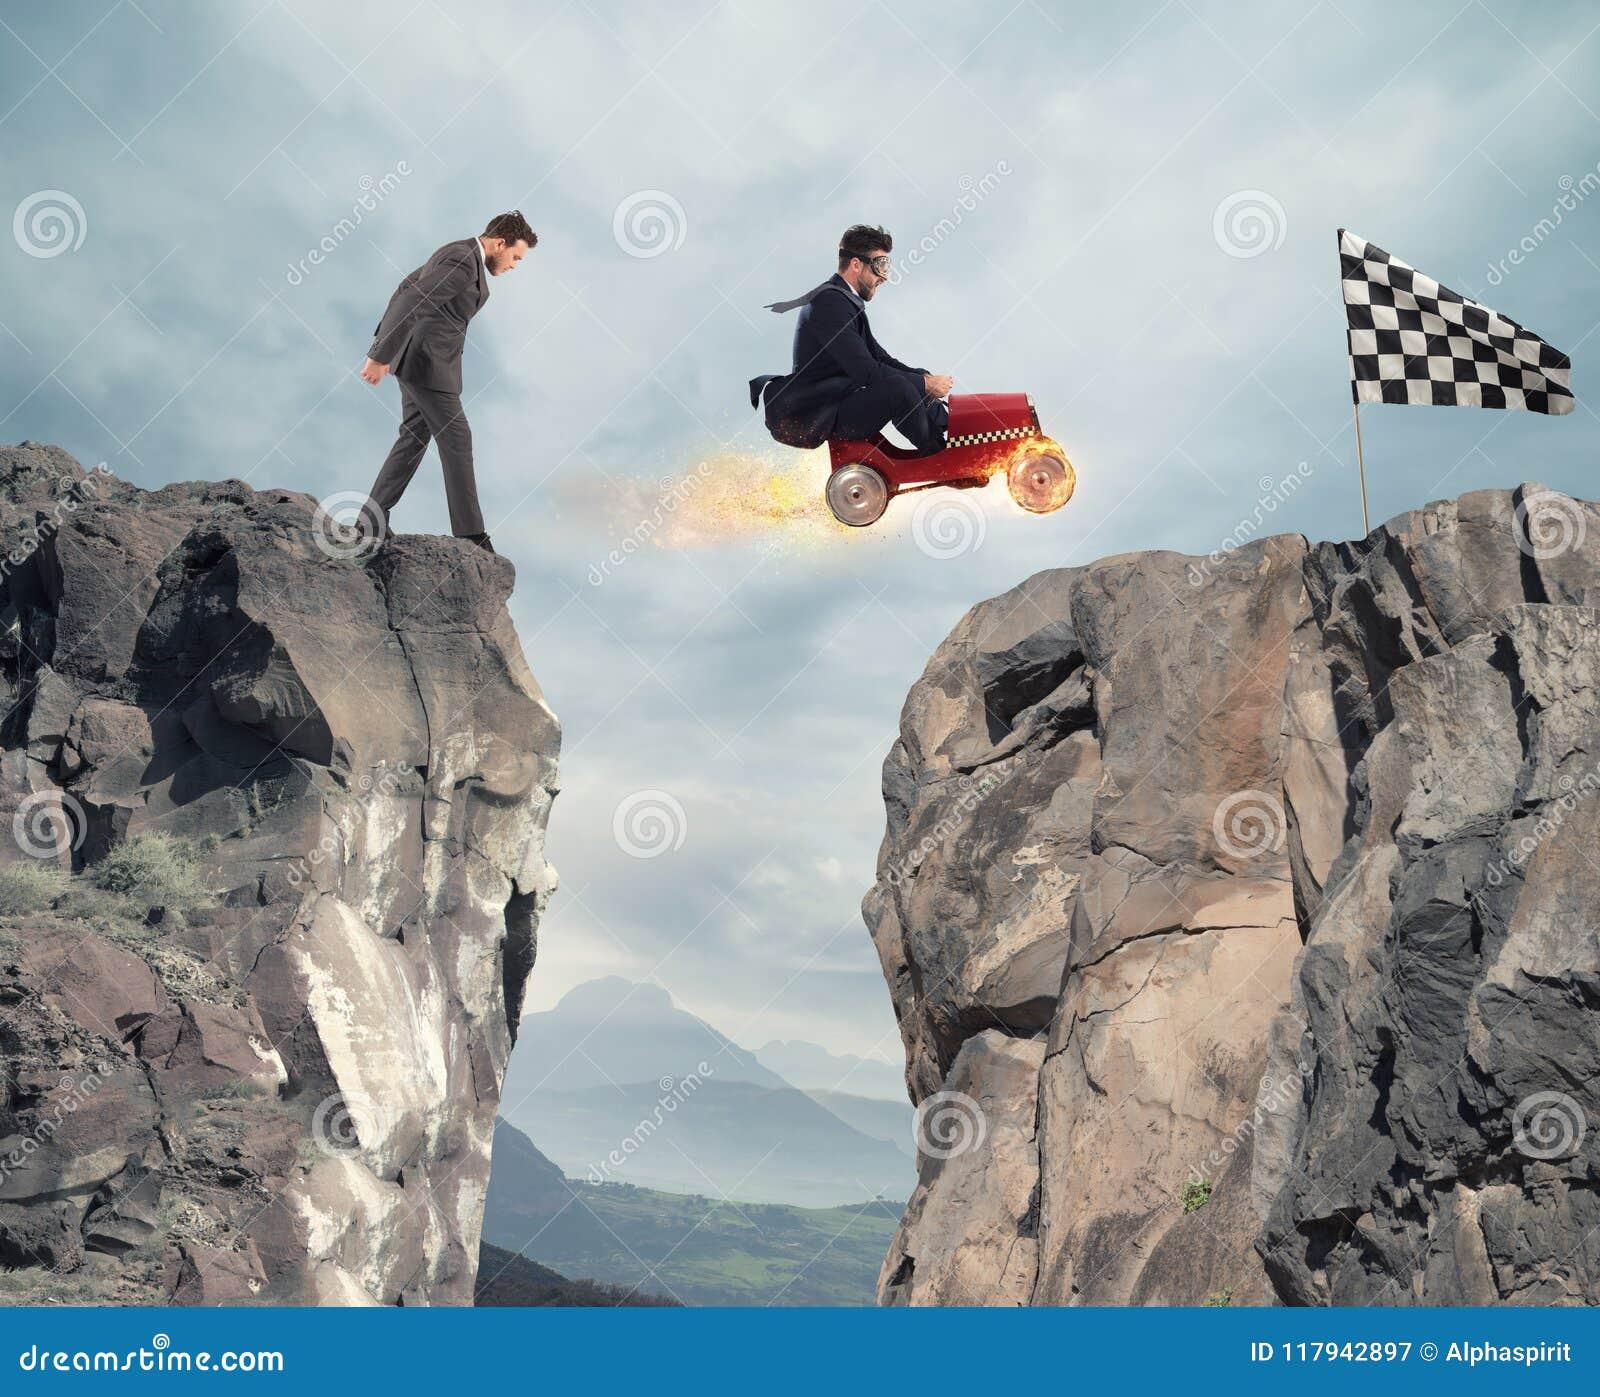 De snelle zakenman met een auto wint tegen de concurrenten Concept succes en de concurrentie